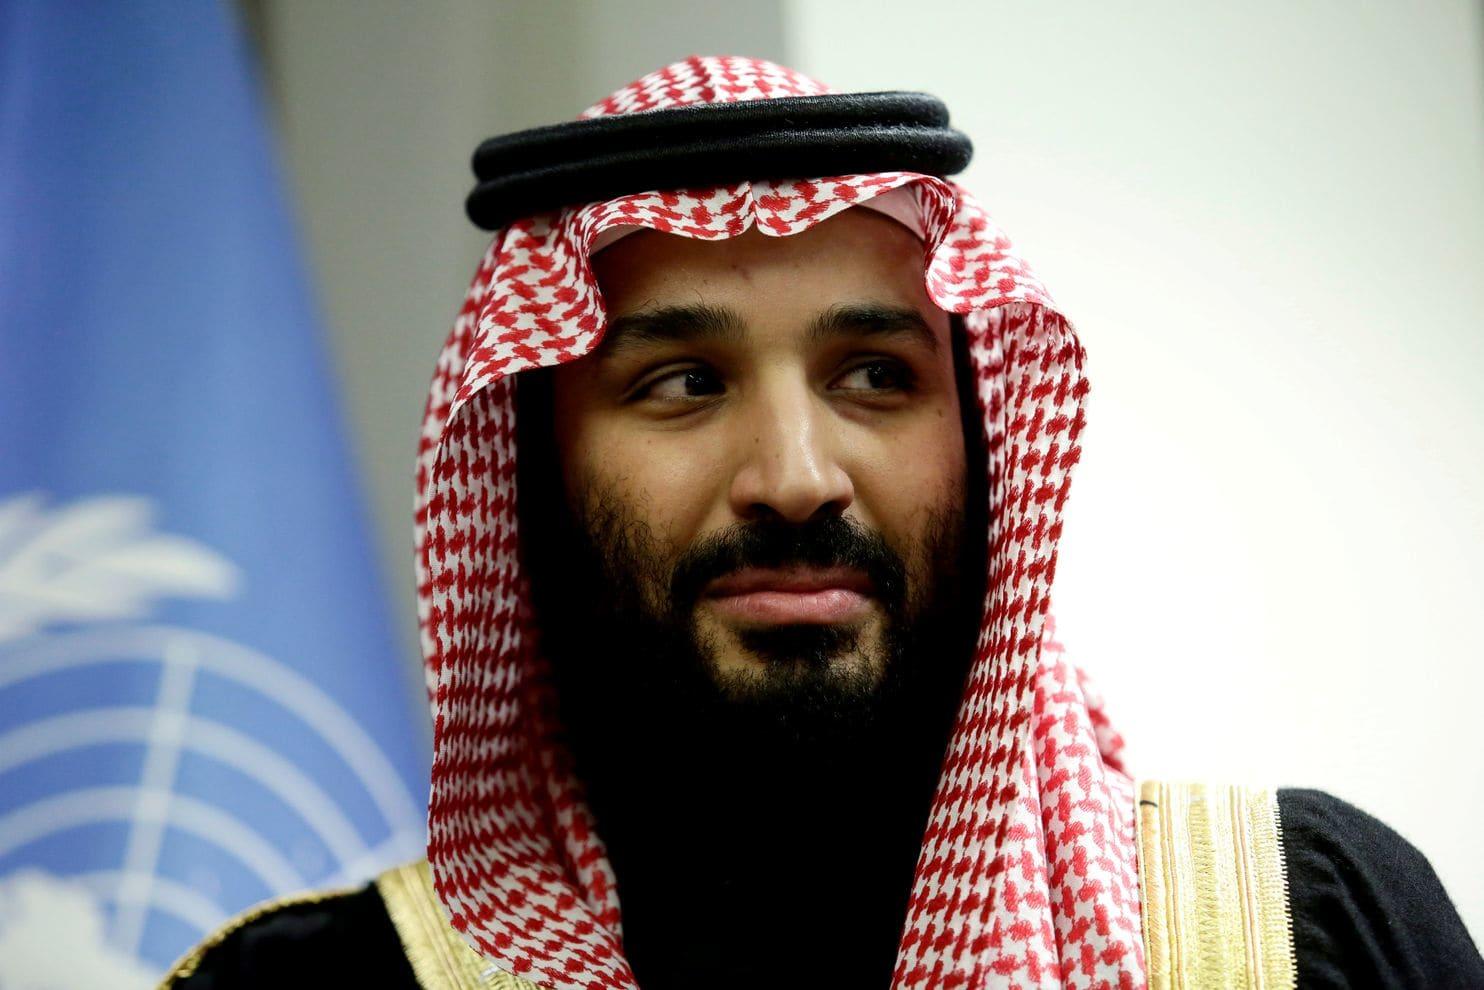 принц Саудовской Аравии Мухаммед бен Сальман Аль Сауд